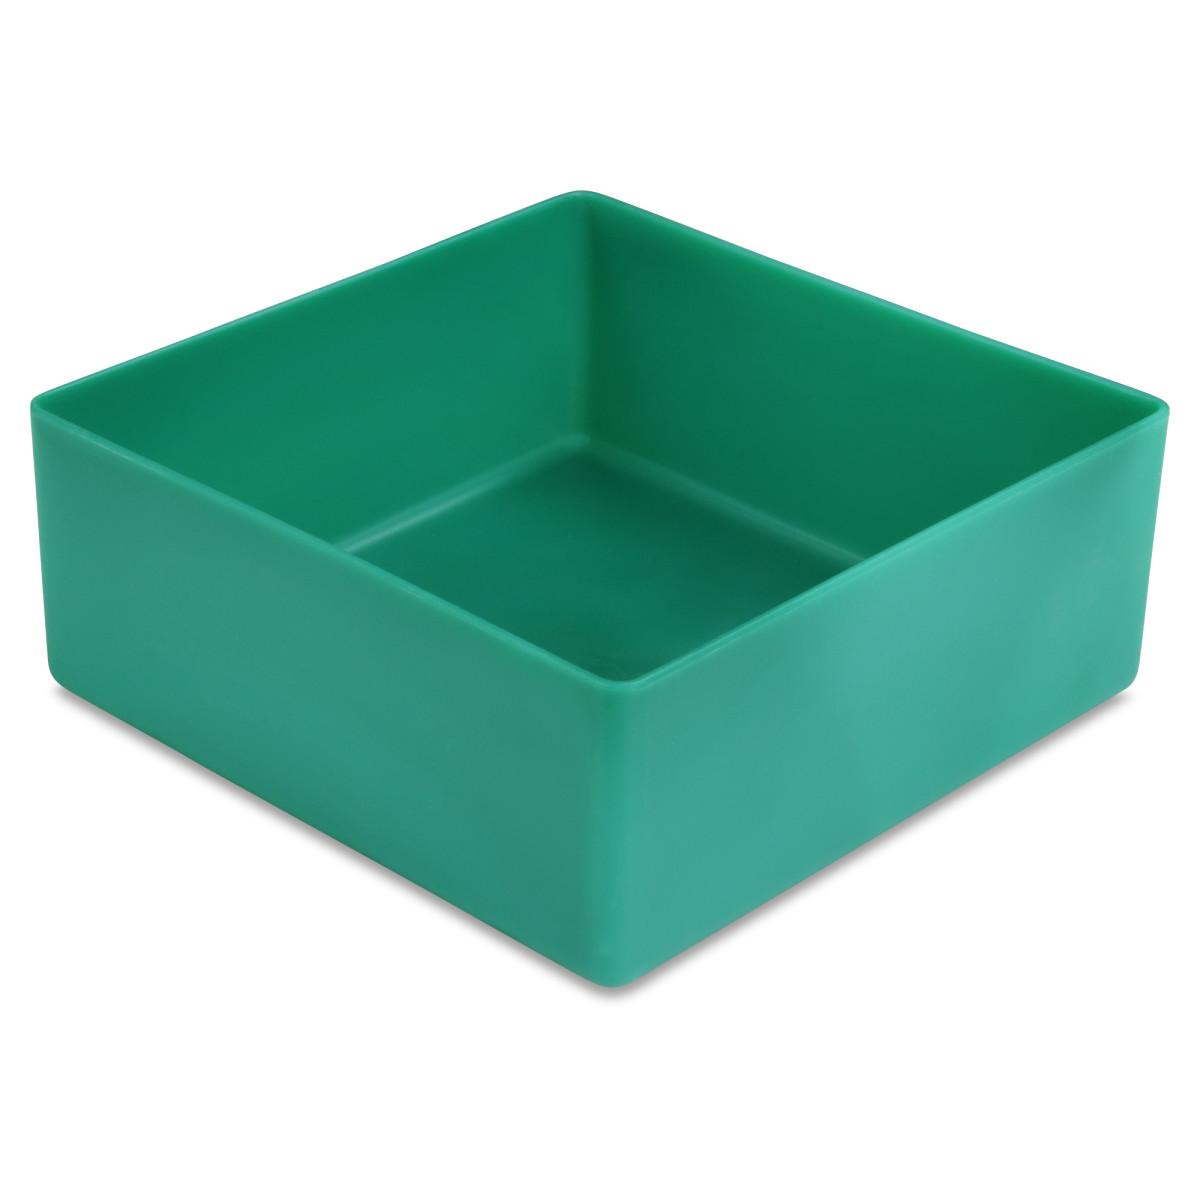 e 40 2 einsatzkasten 99x99x40 mm lxbxh aus hochschlagfestem polys 0 75. Black Bedroom Furniture Sets. Home Design Ideas